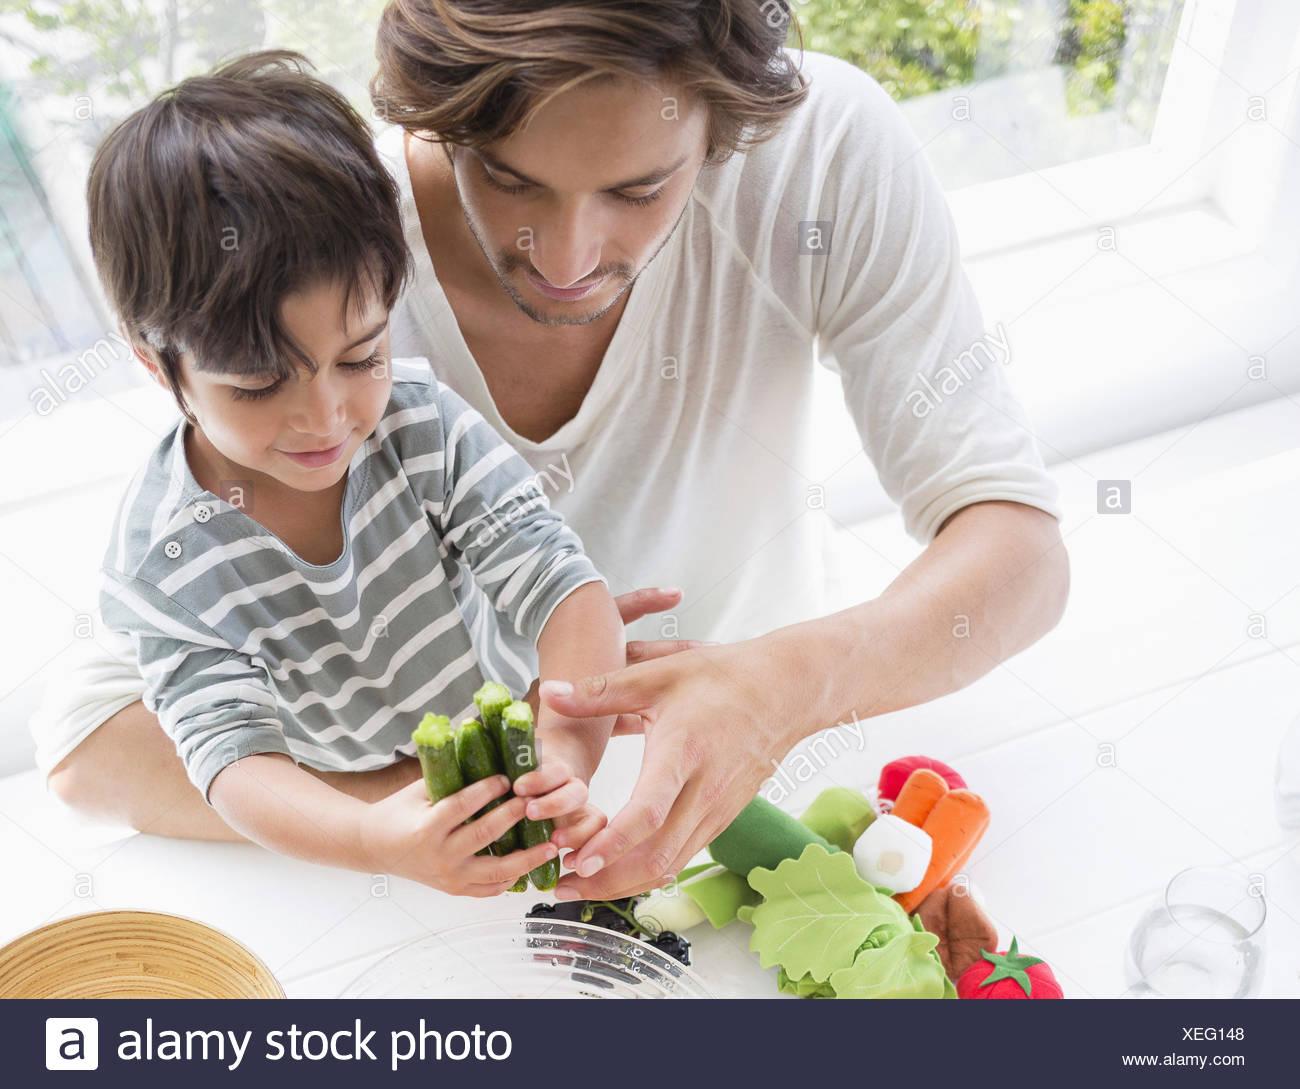 Glückliche junge Familie vorbereiten Gemüse zu Hause Stockfoto